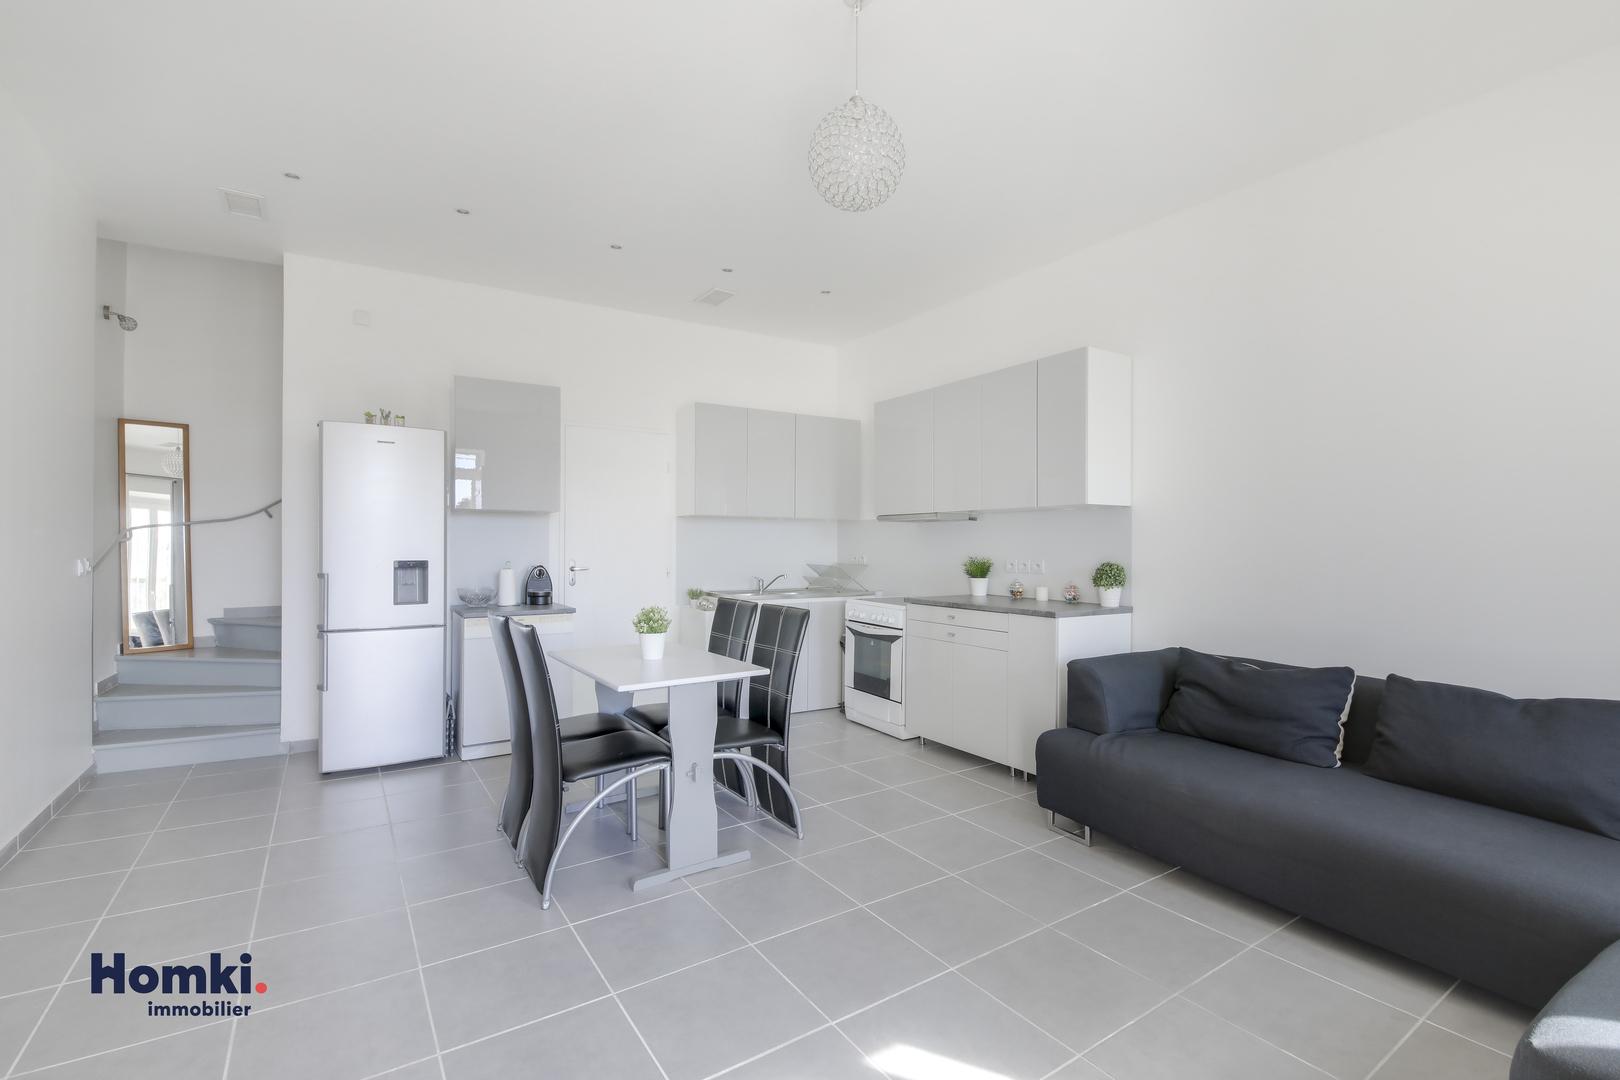 Vente Maison 65 m² T3 13013_2